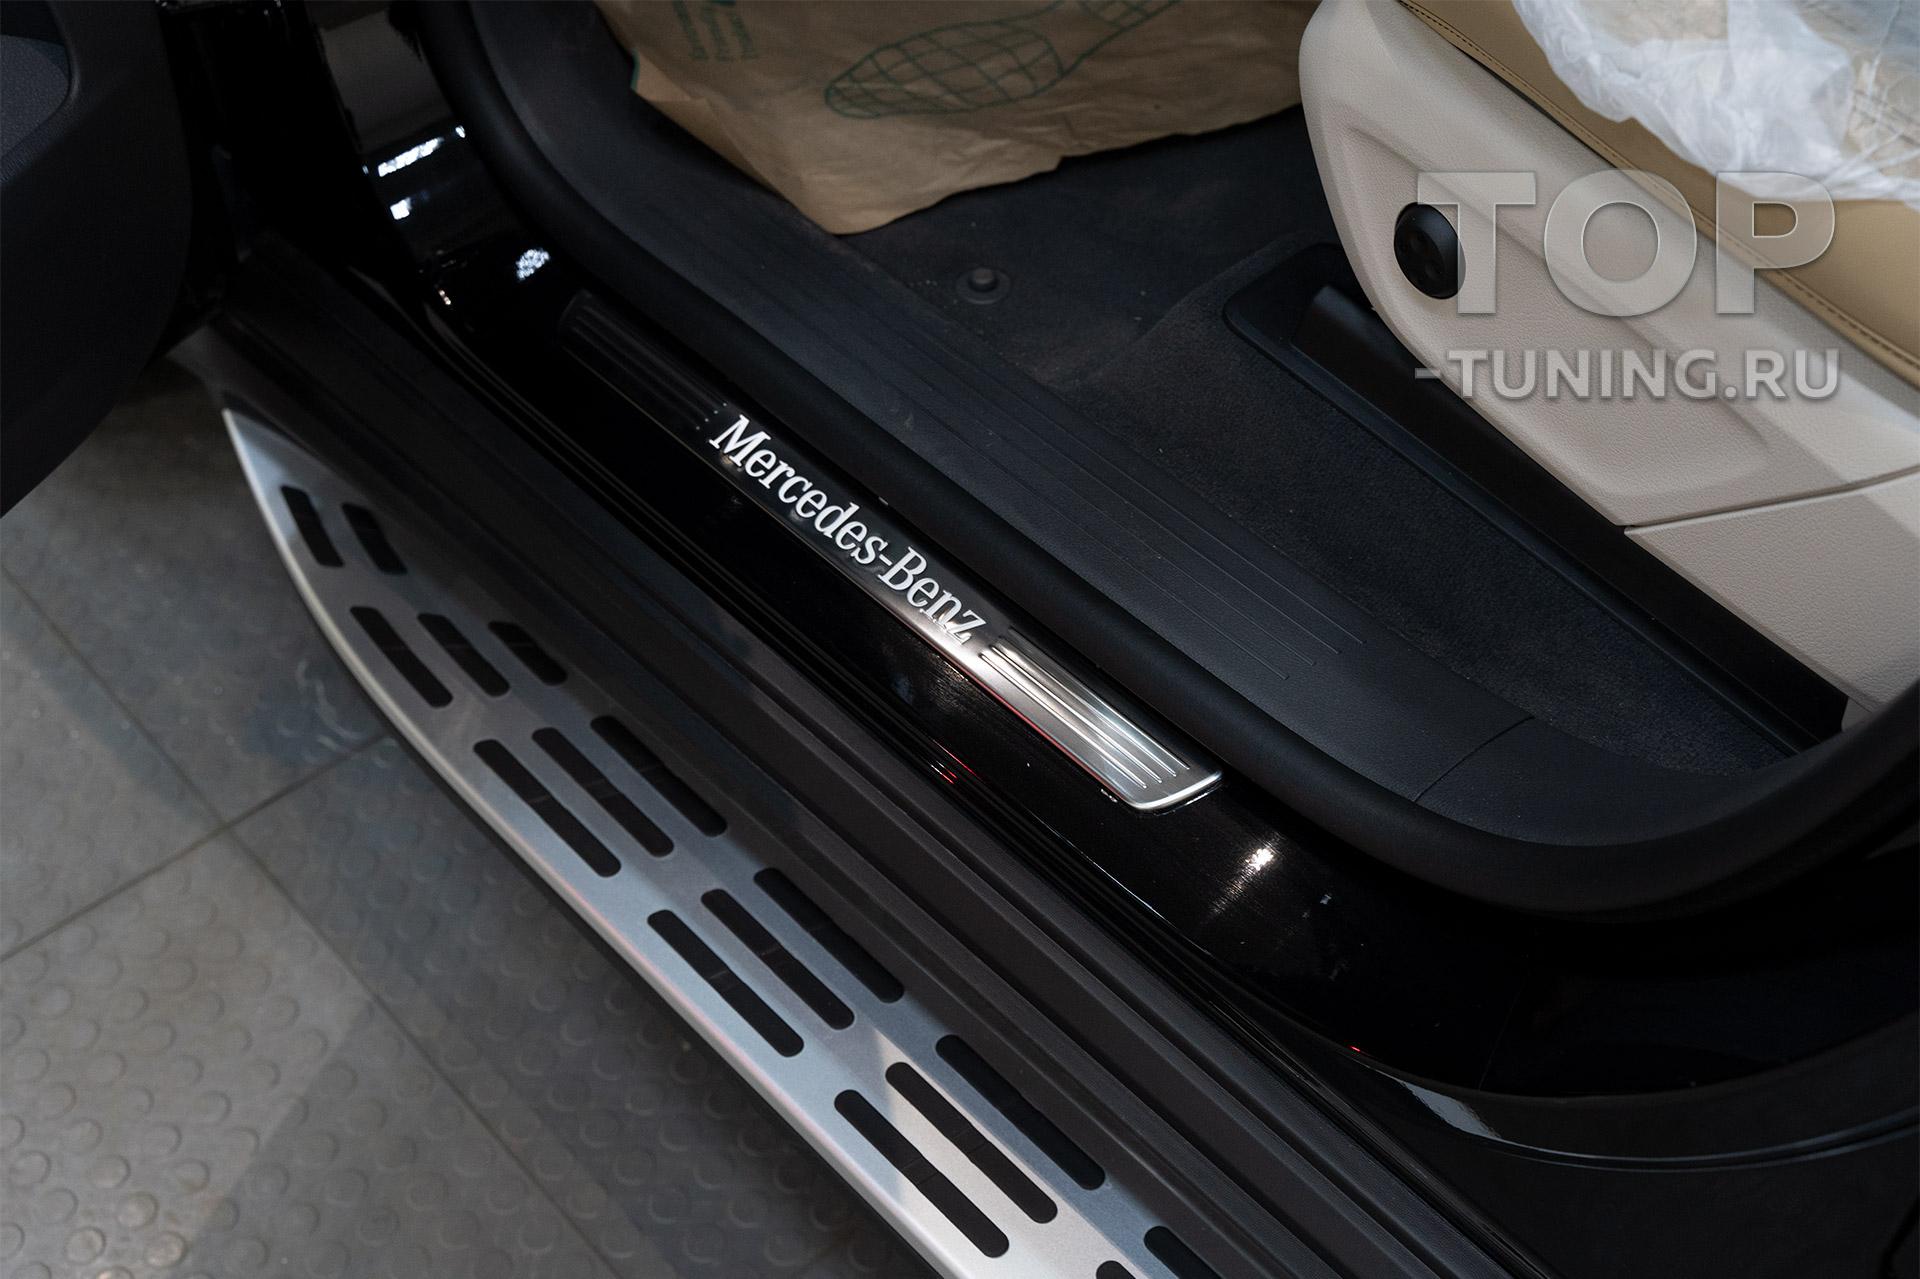 Защита порогов в салоне от царапин и сколов. Оклейка пленкой Mercedes GLE V167 Москва